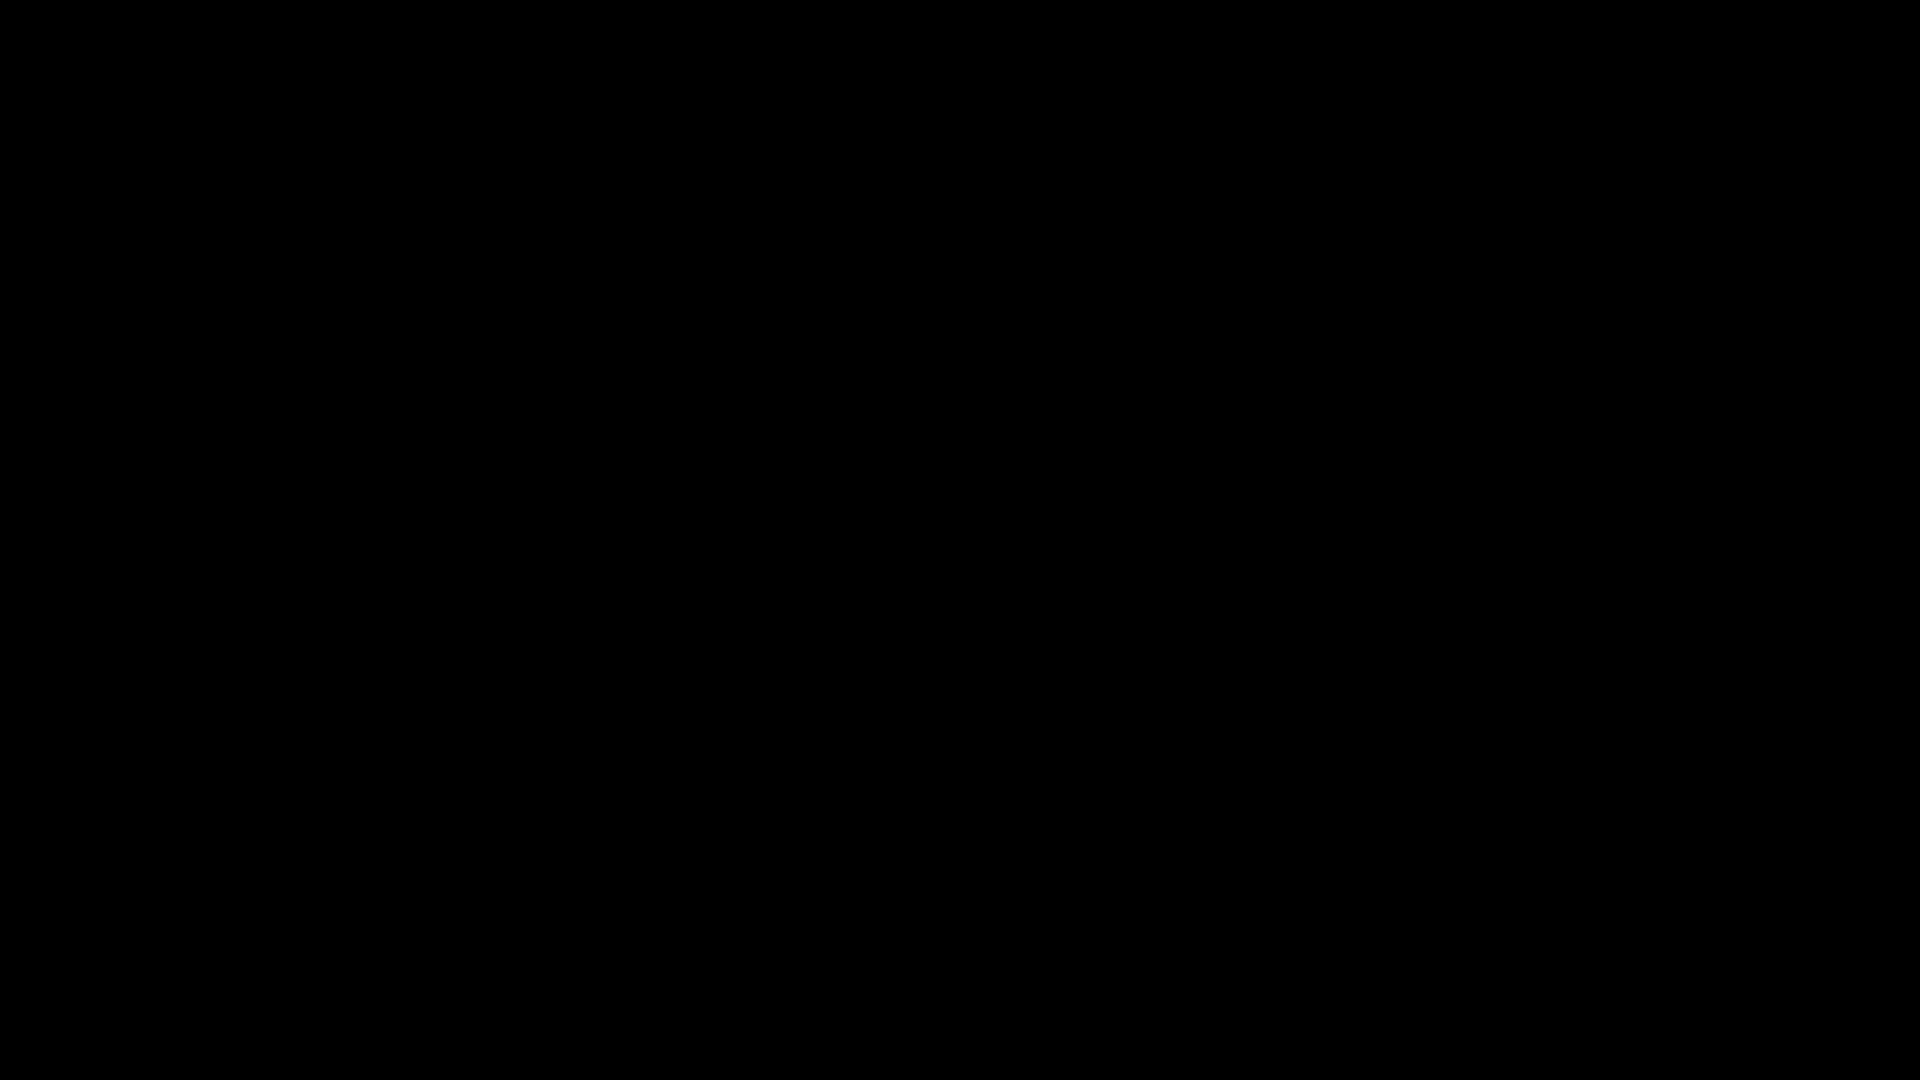 ぎゃんかわ男子のはれんちオナニー vol.09 ゲイのオナニー映像   男祭り  86枚 21